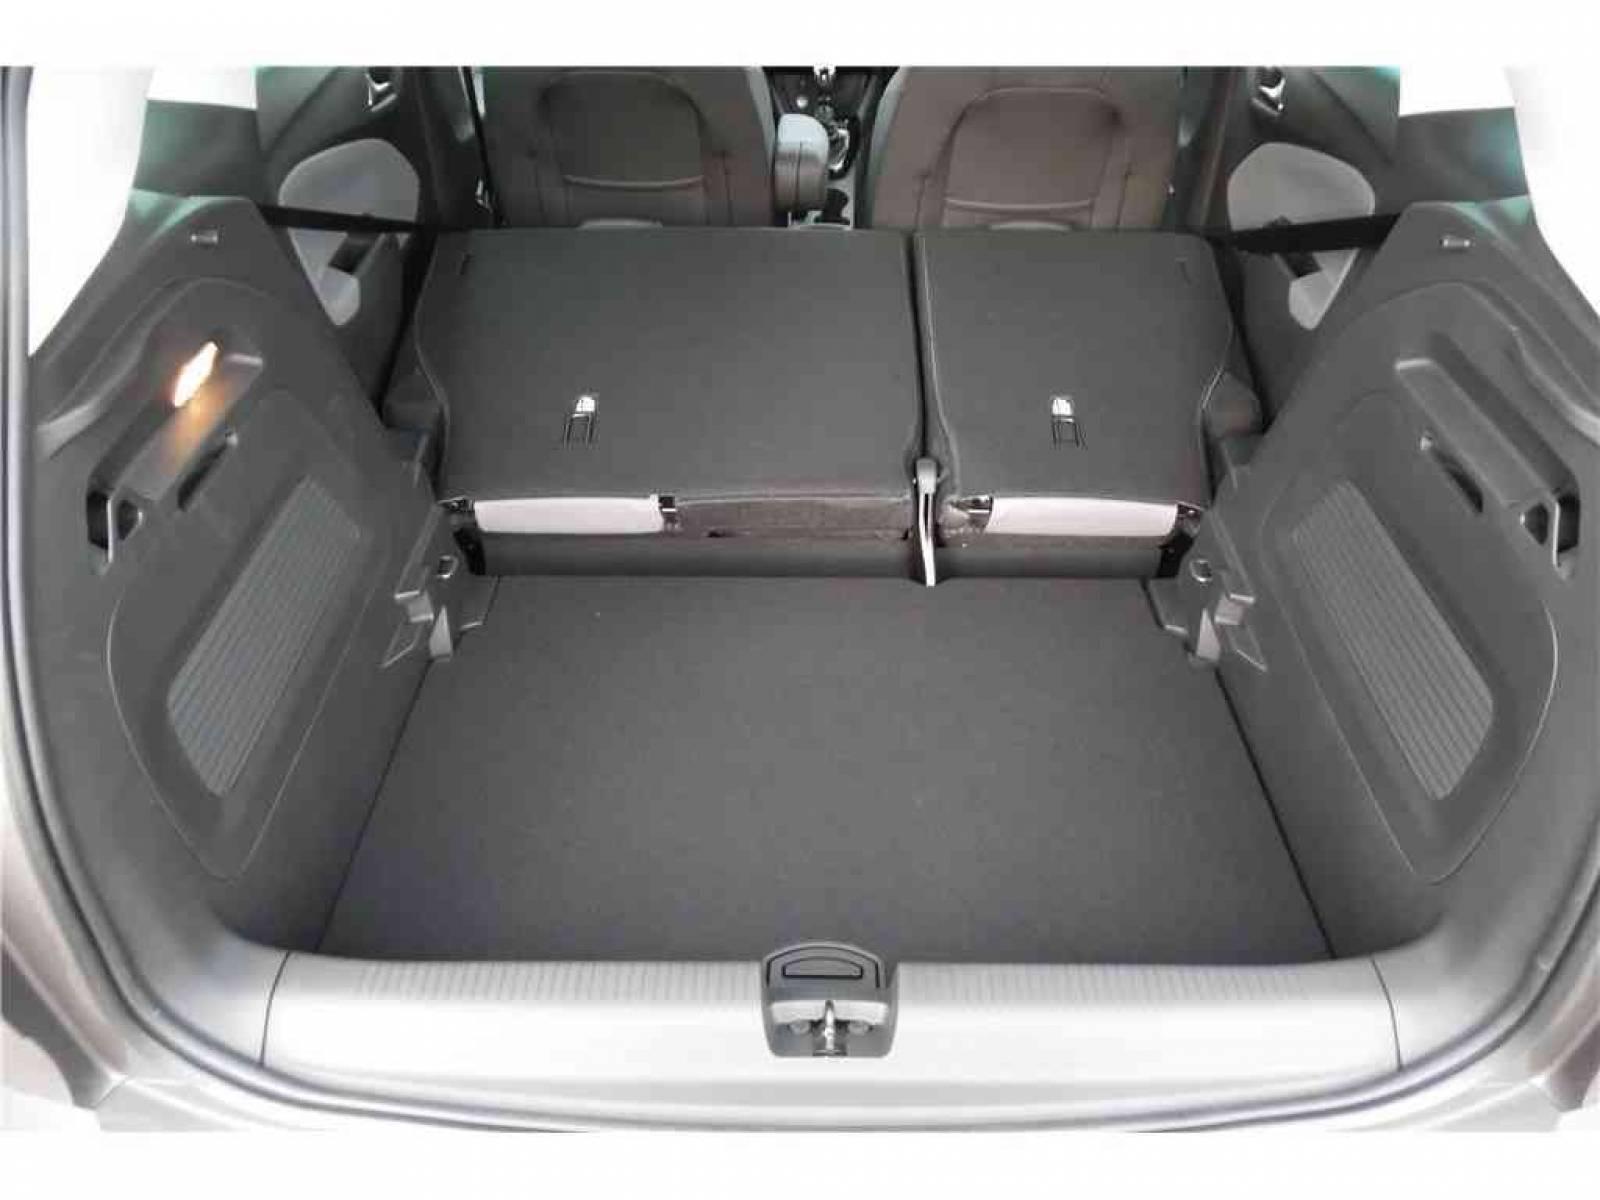 OPEL Crossland X 1.5 D 102 ch - véhicule d'occasion - Groupe Guillet - Opel Magicauto - Montceau-les-Mines - 71300 - Montceau-les-Mines - 5